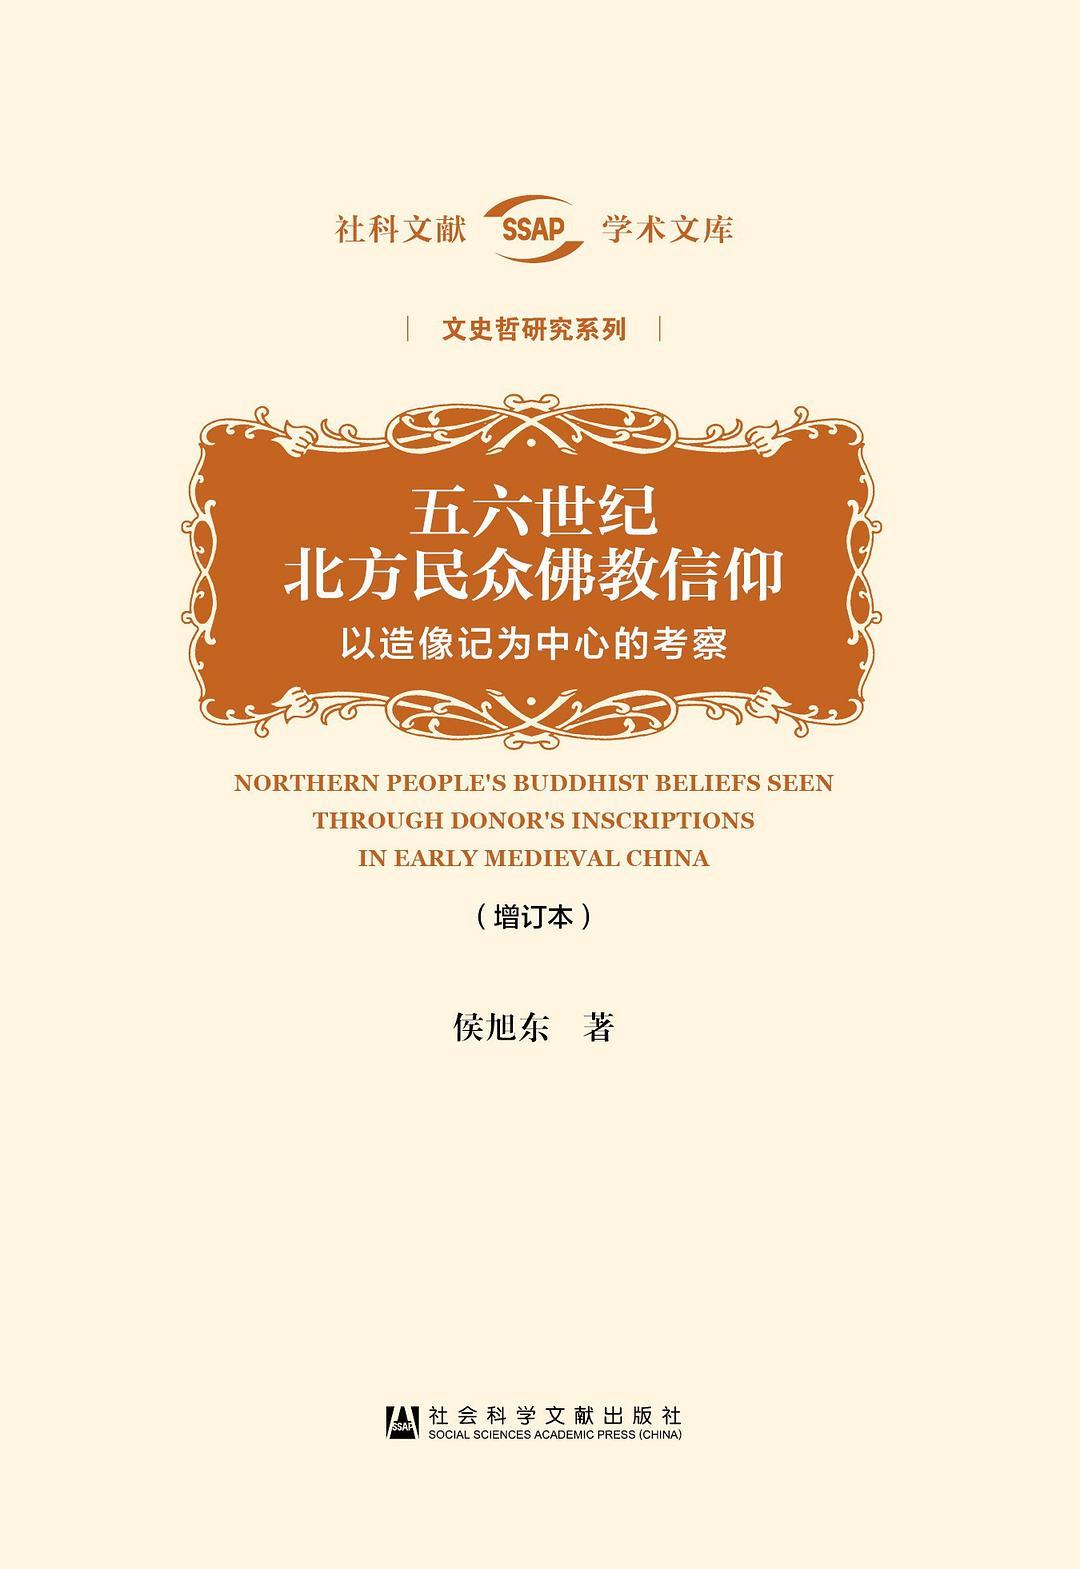 《五六世纪北方民众佛教信仰》(图)